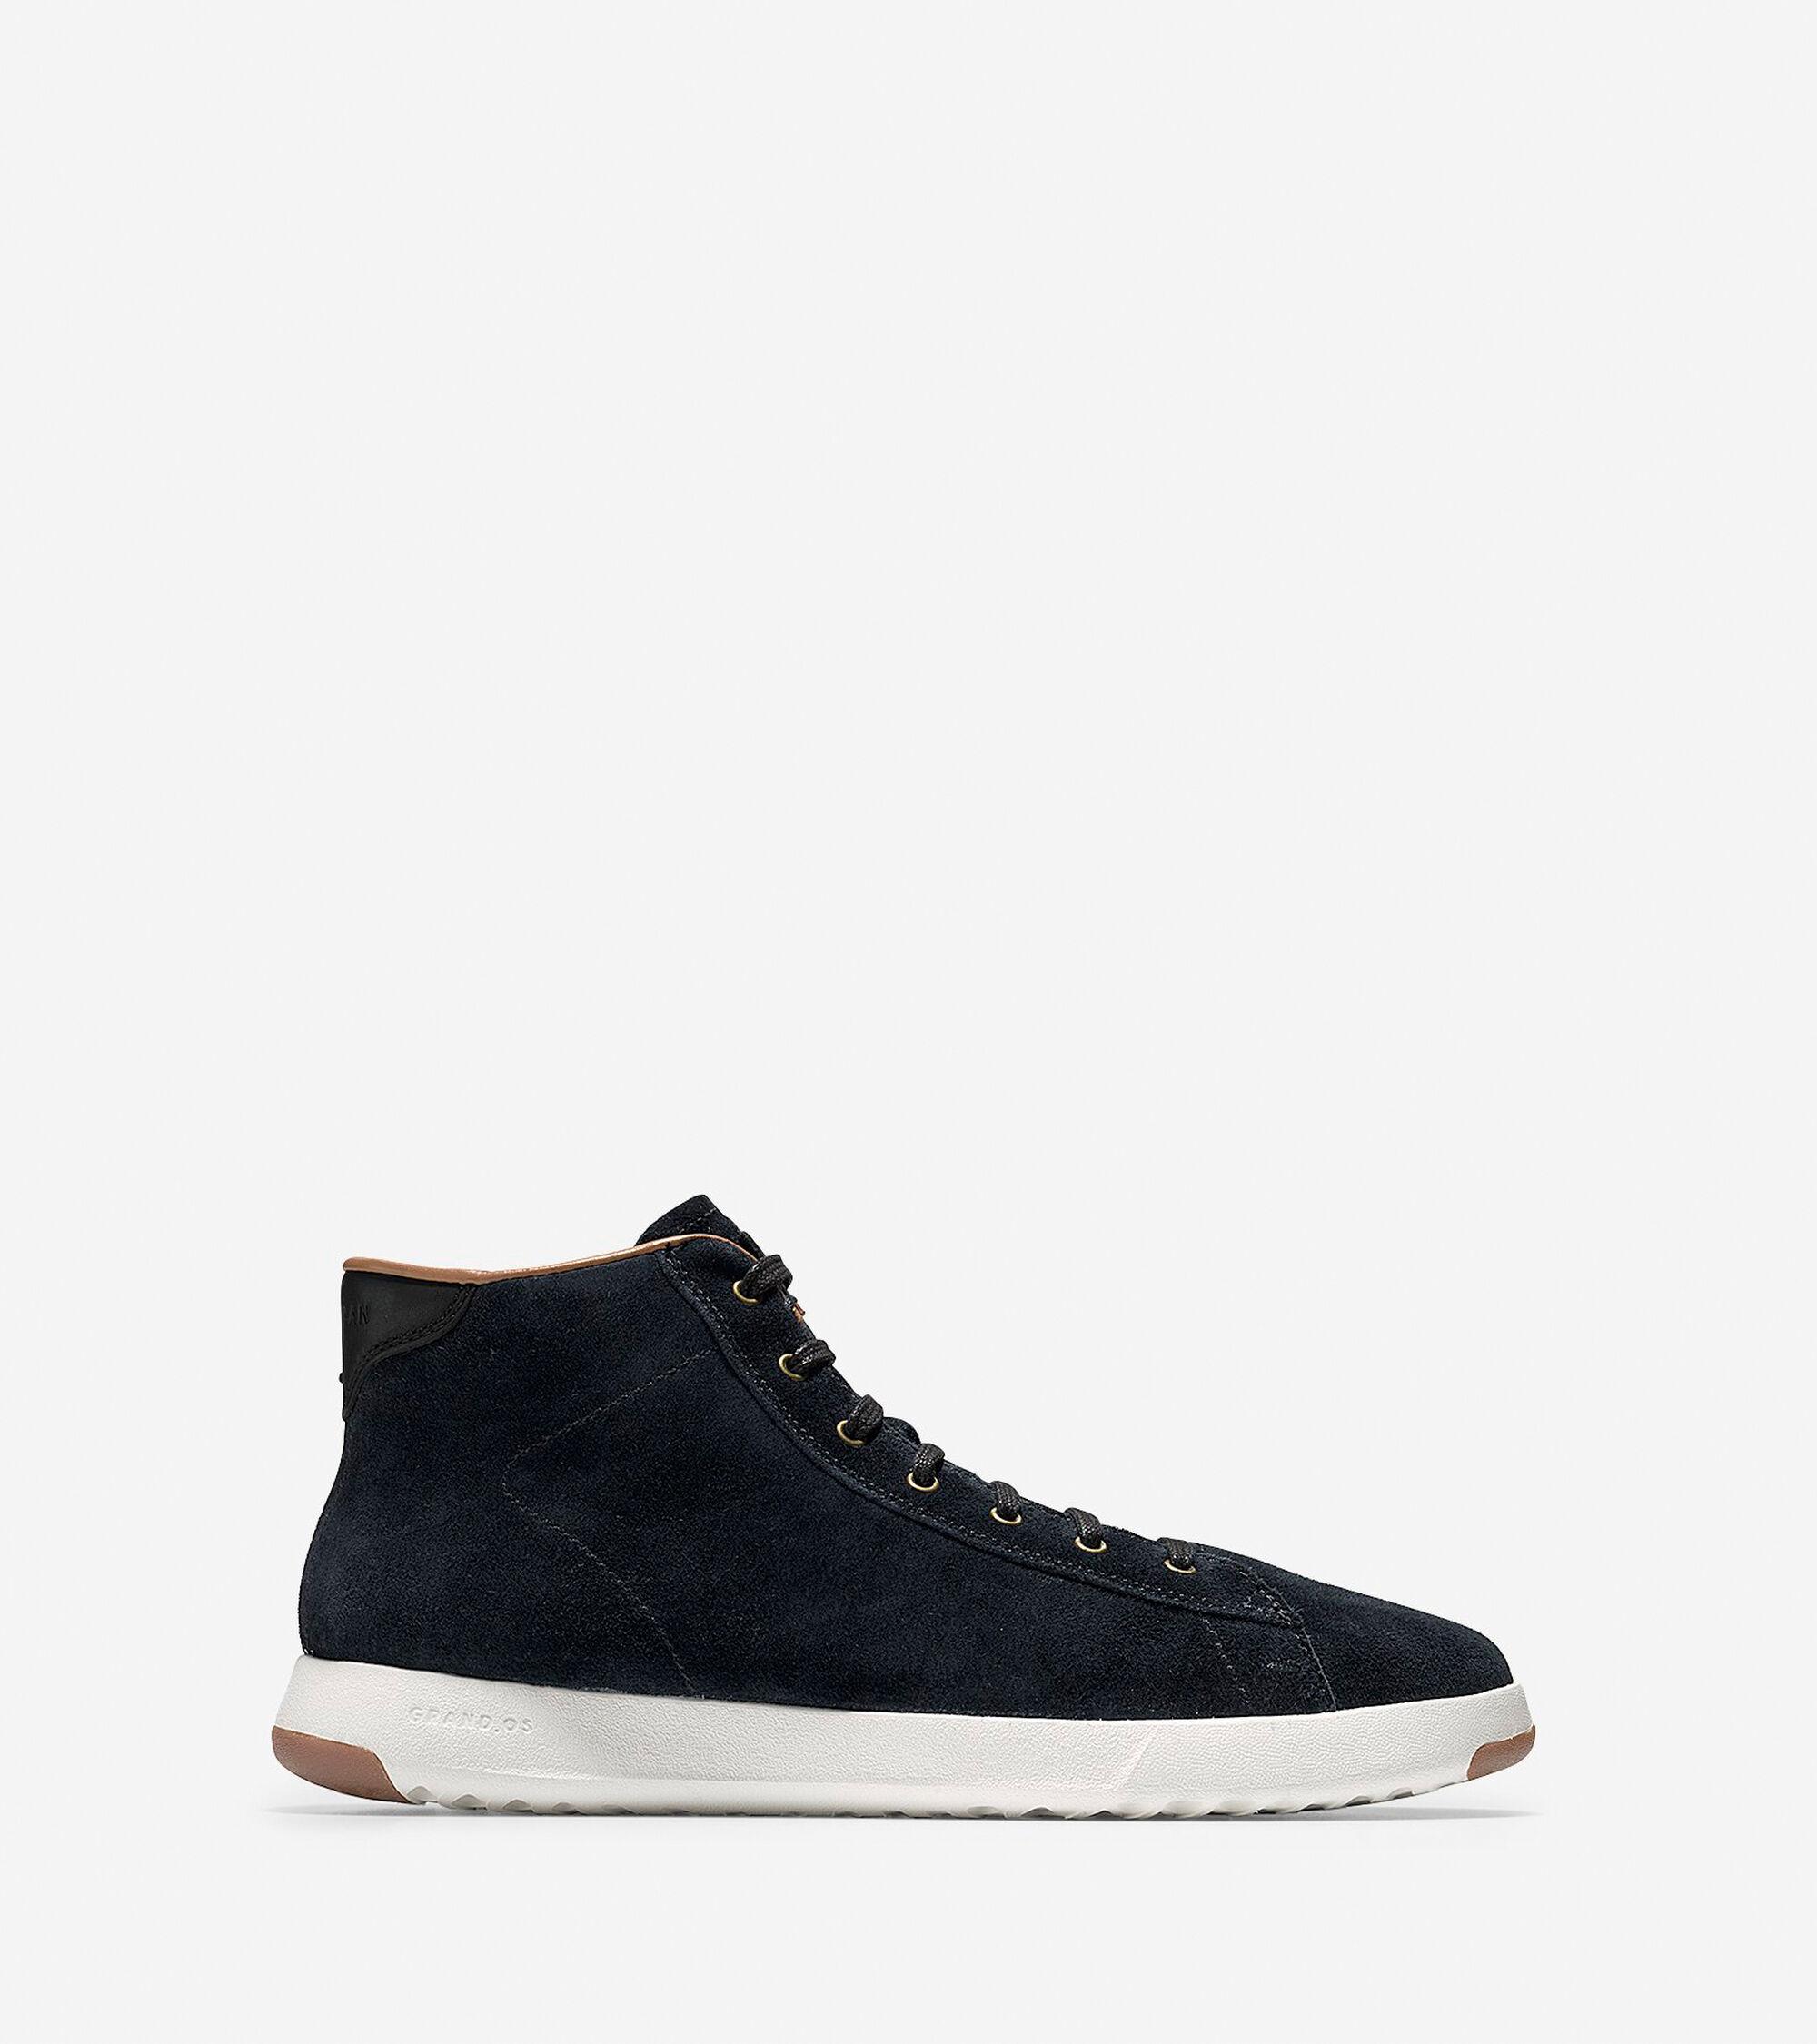 Sneakers > Men's GrandPrø High Top Sneaker